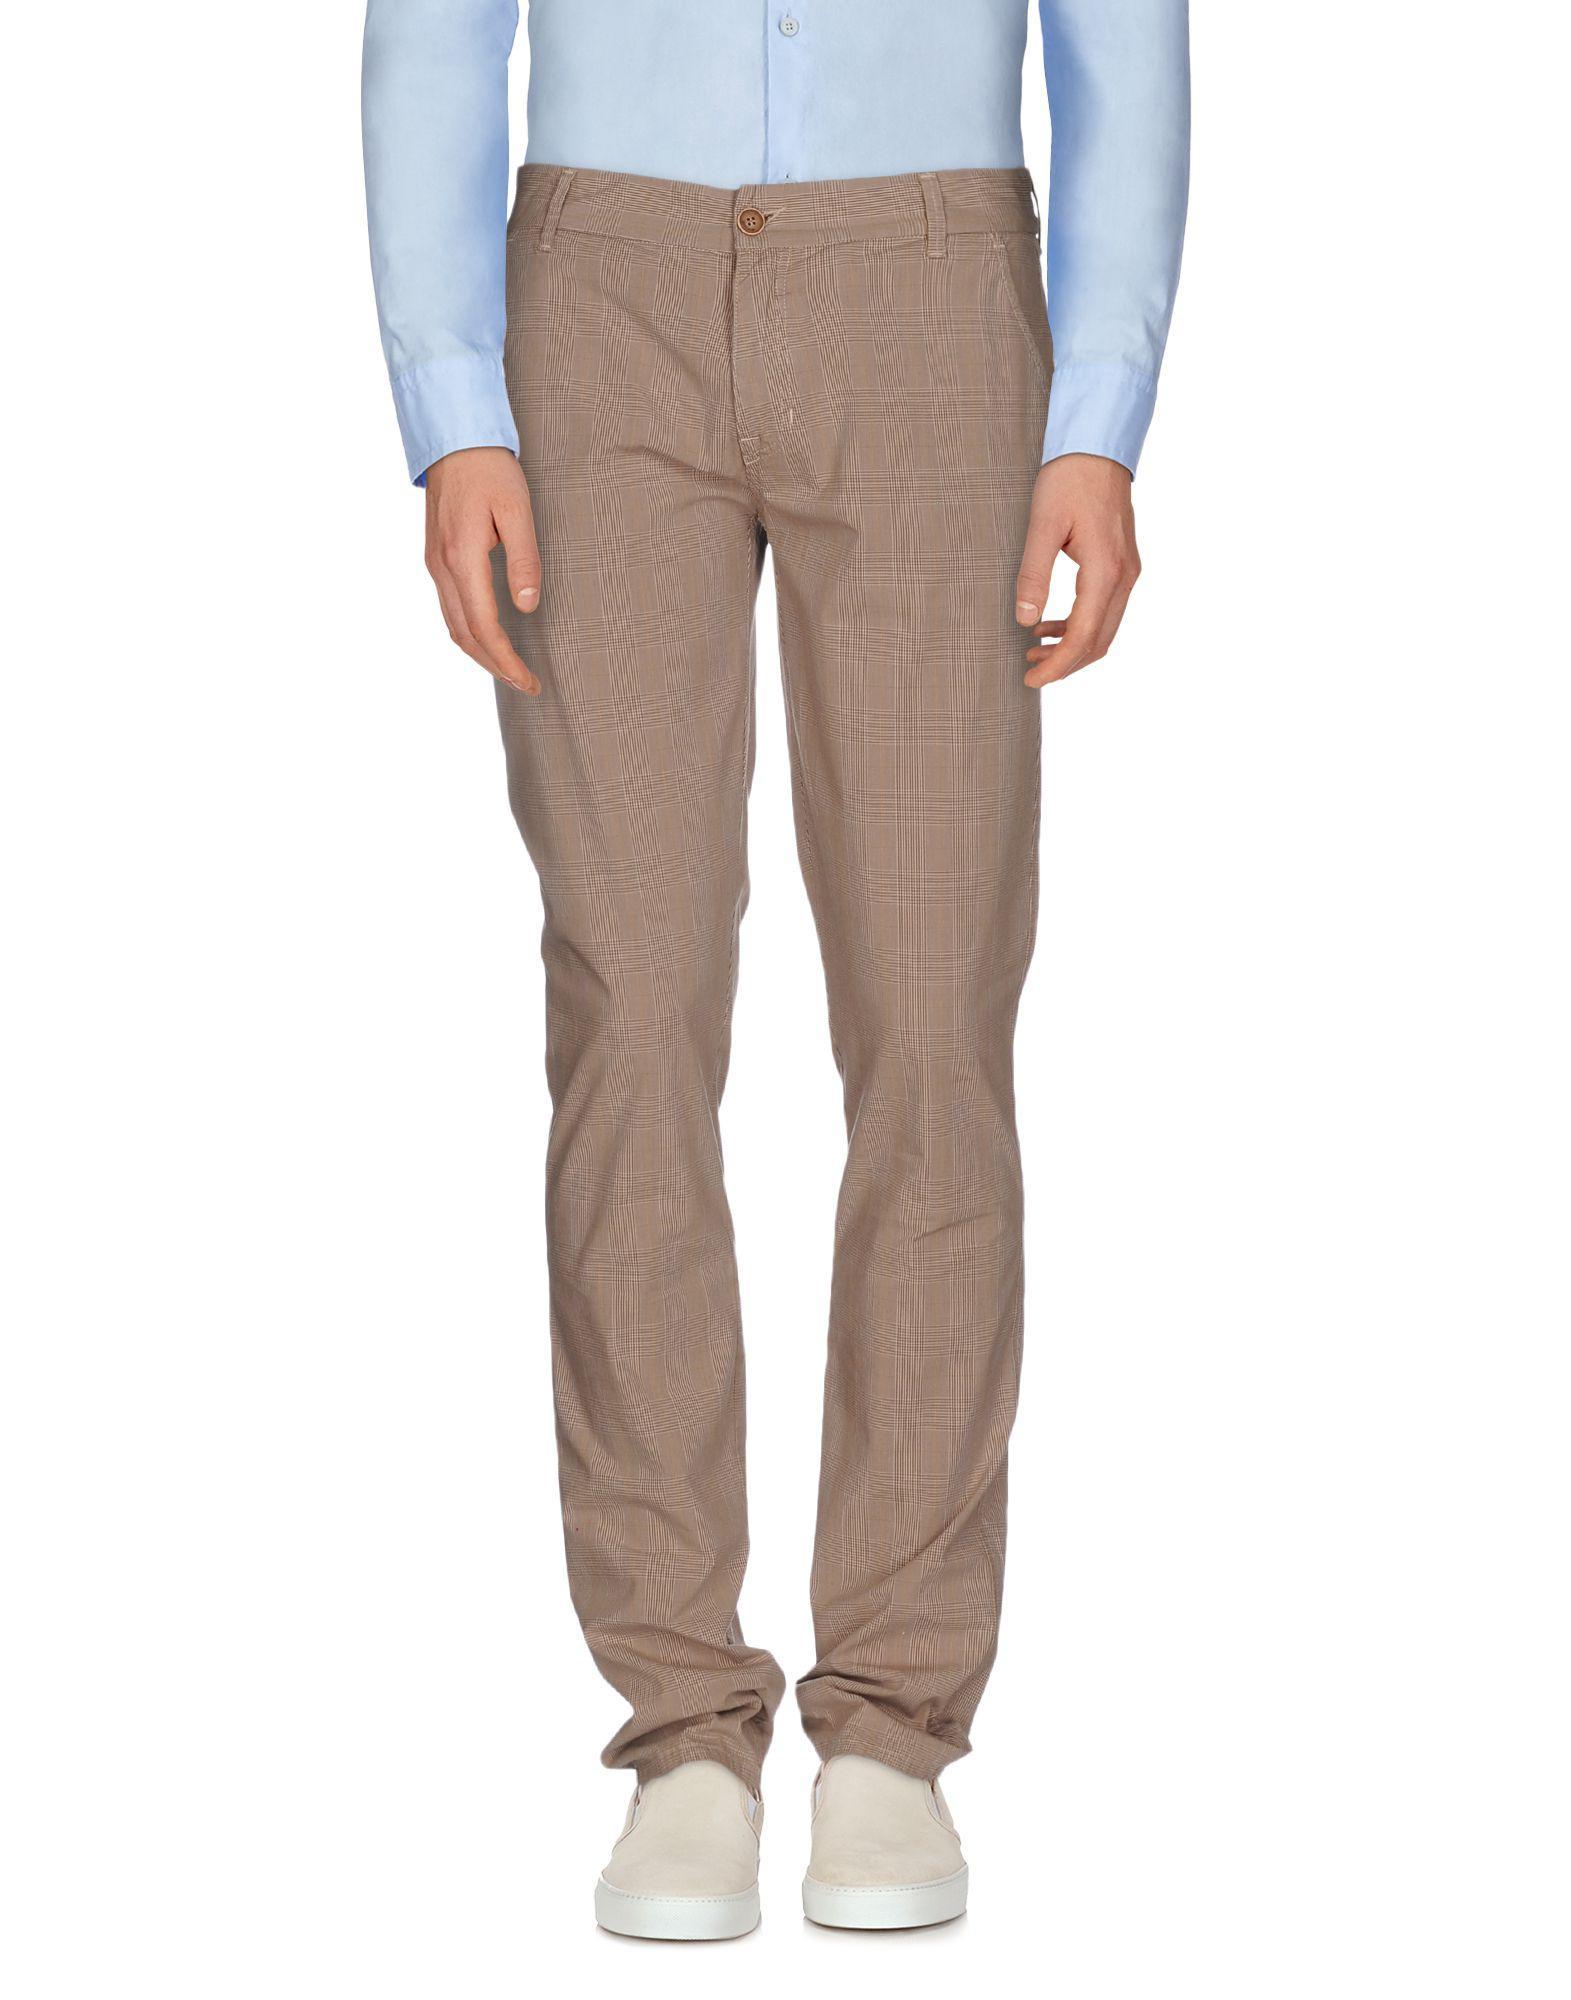 Liu •jo Casual Pants In Khaki